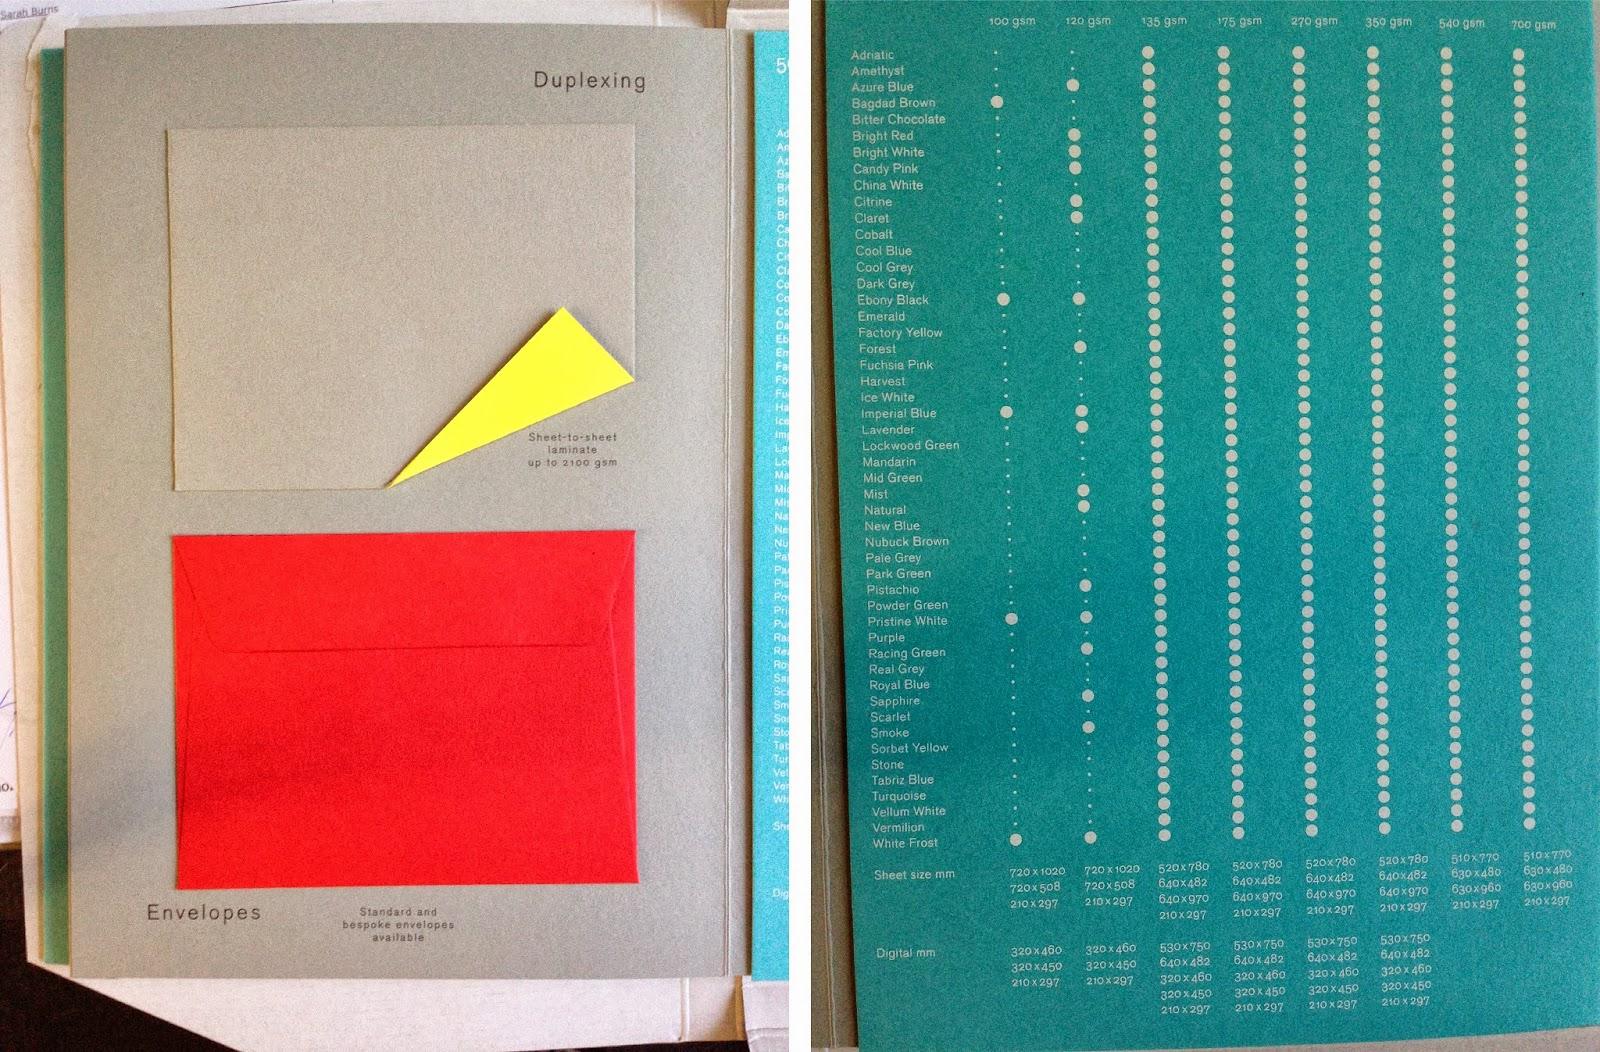 Sarah Burns Graphics The Branding Language October 2013